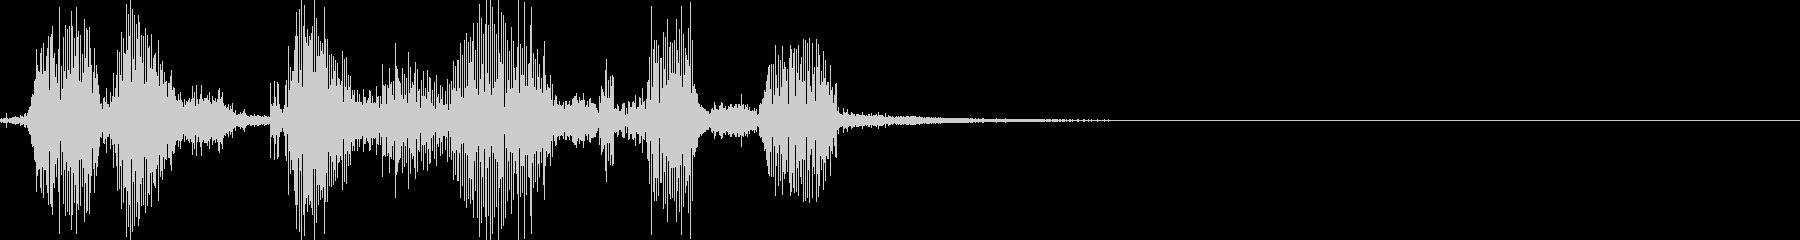 ロボット メイド「よろしくお願いします」の未再生の波形